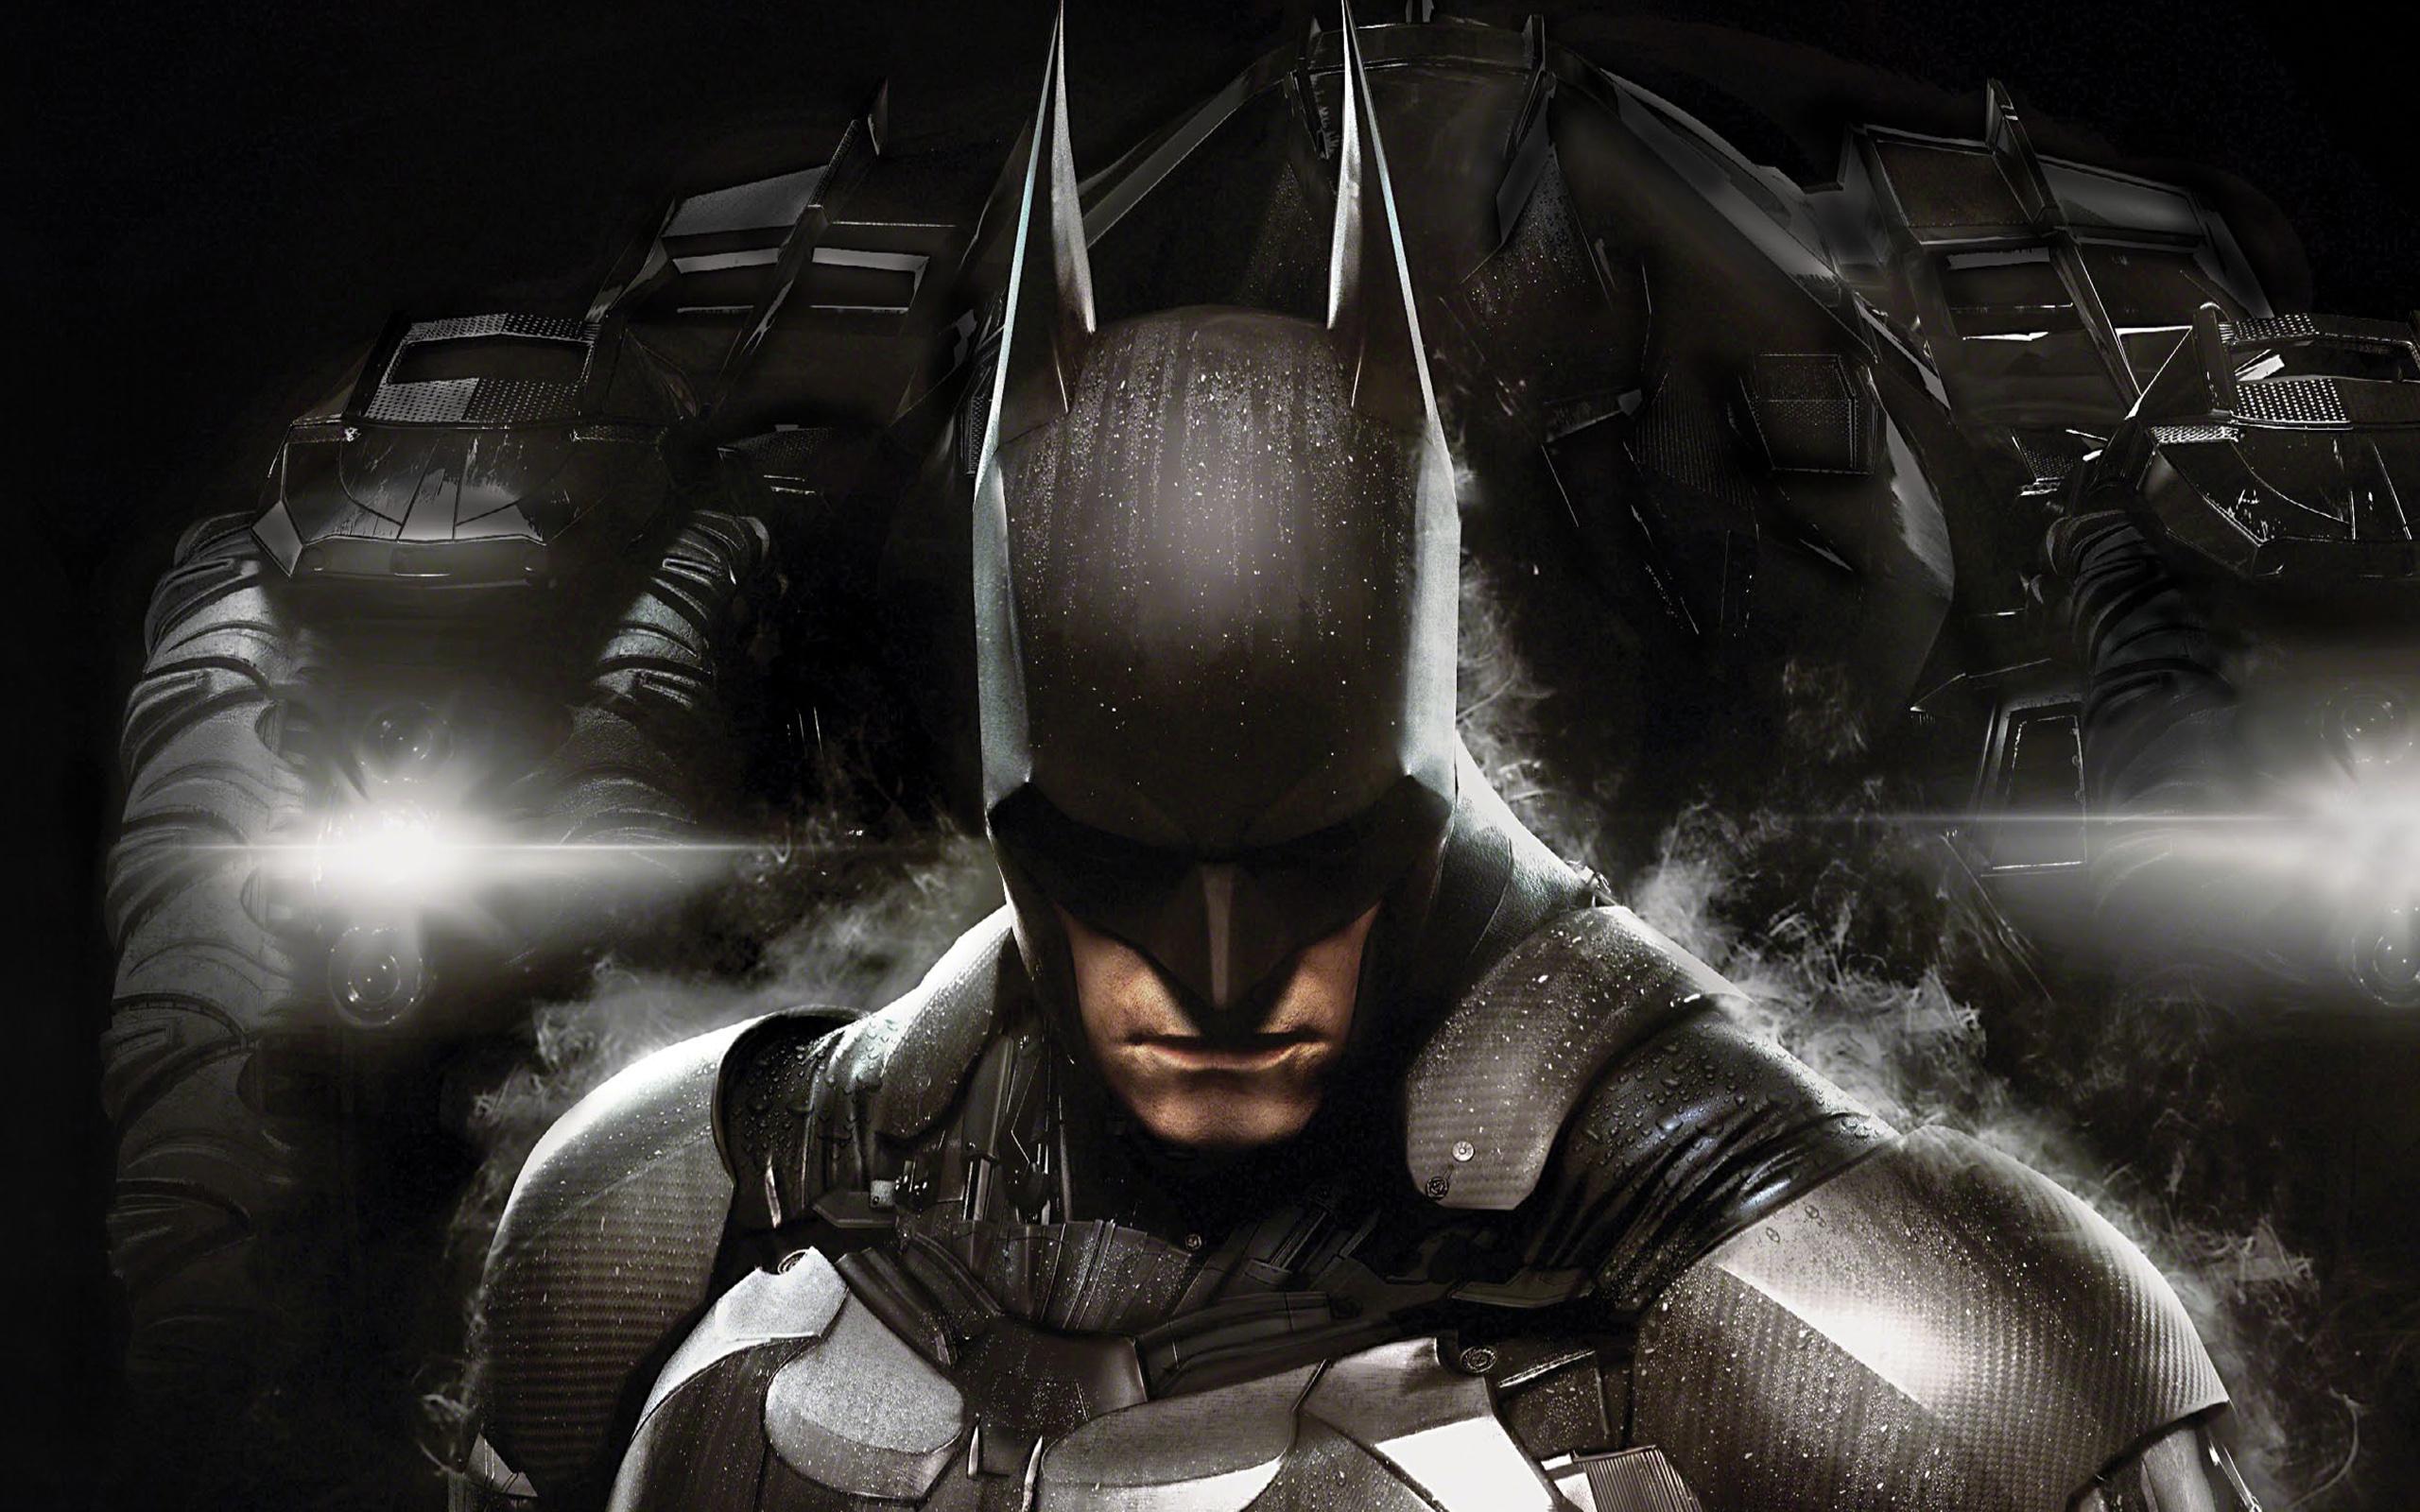 HD Wallpapers 2014 Batman Arkham Knight